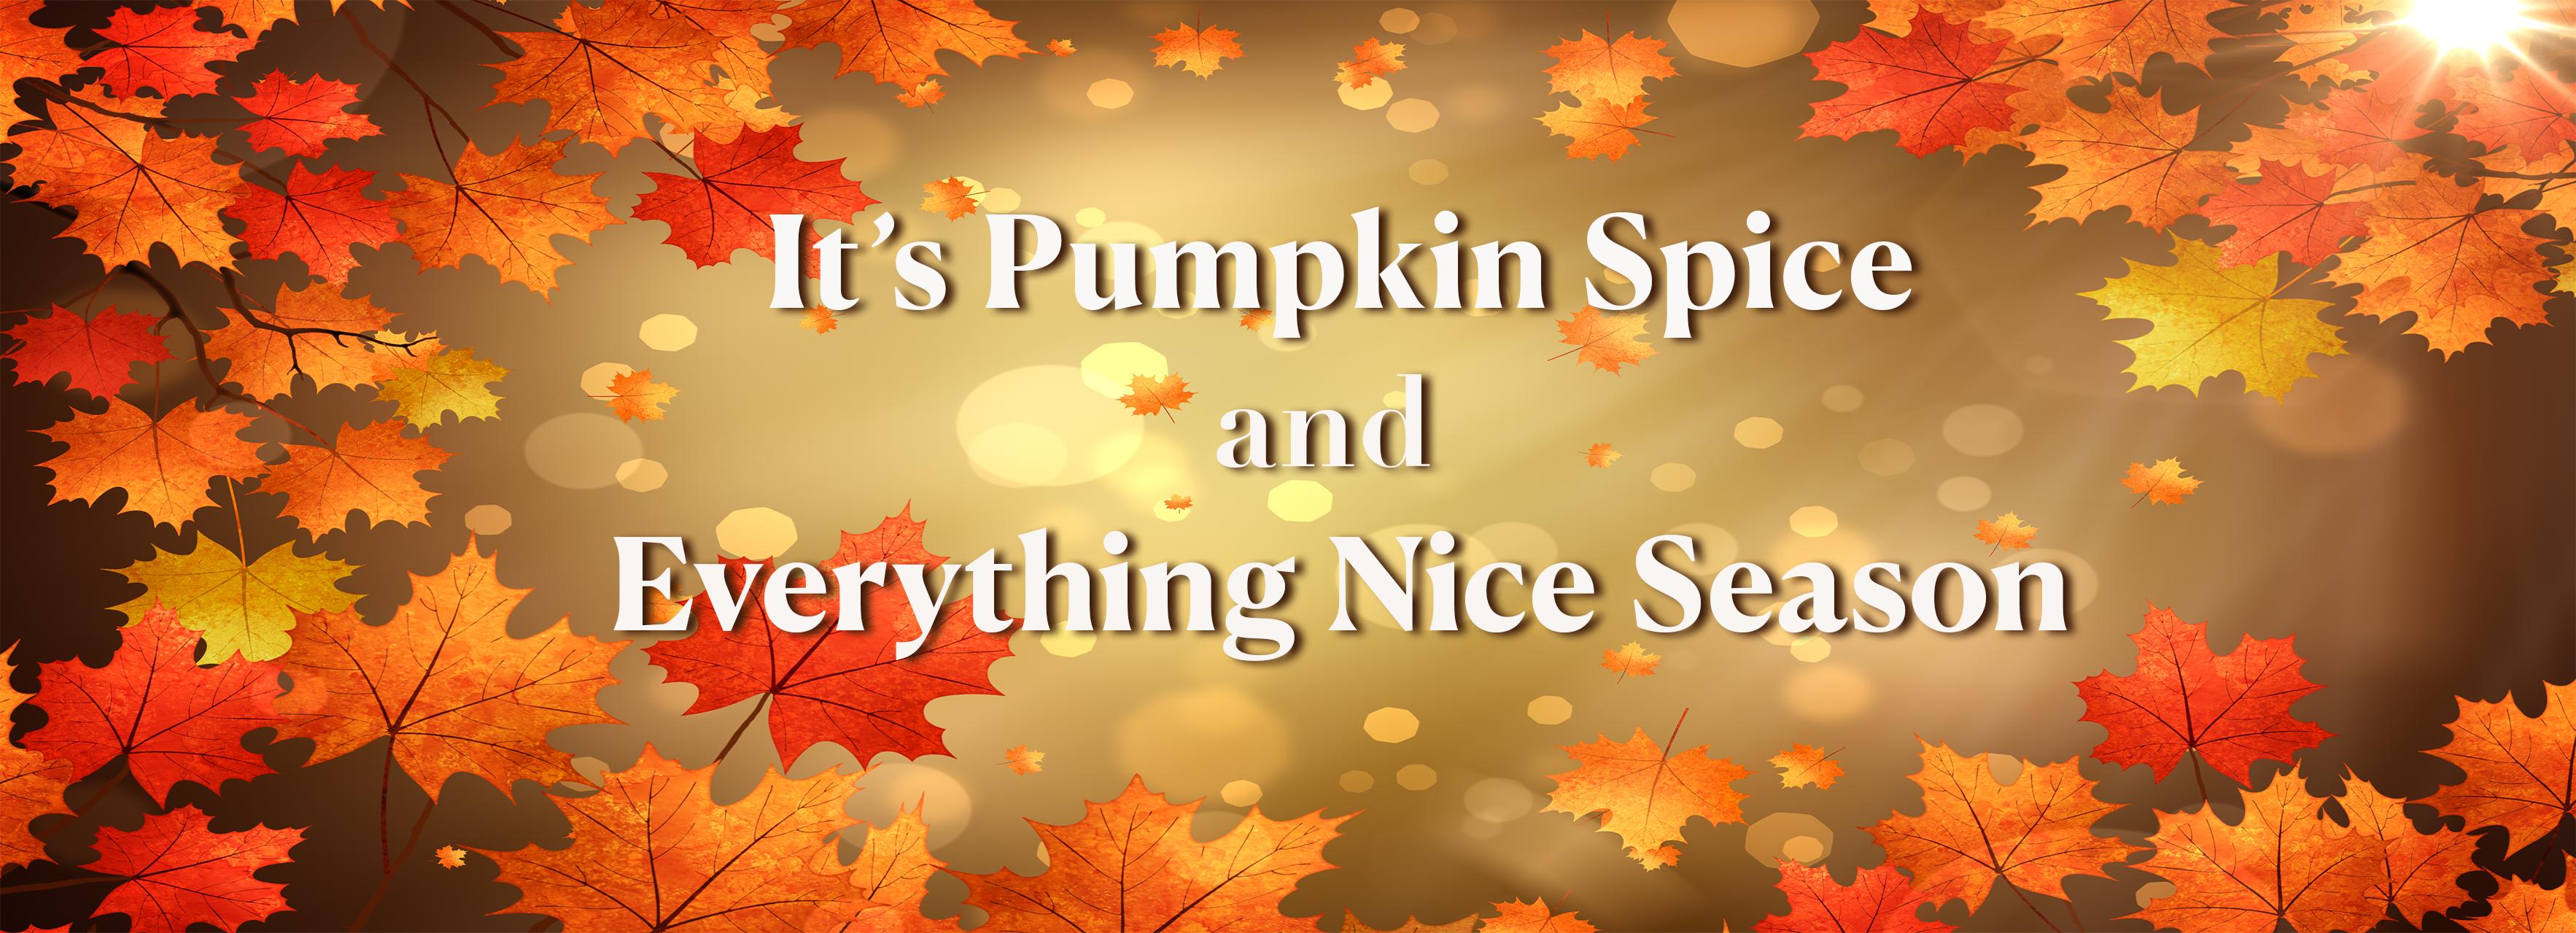 https://heavensentgreetingcards.com/wp-content/uploads/2020/10/Fall-Pumpkin-Banner-2.png